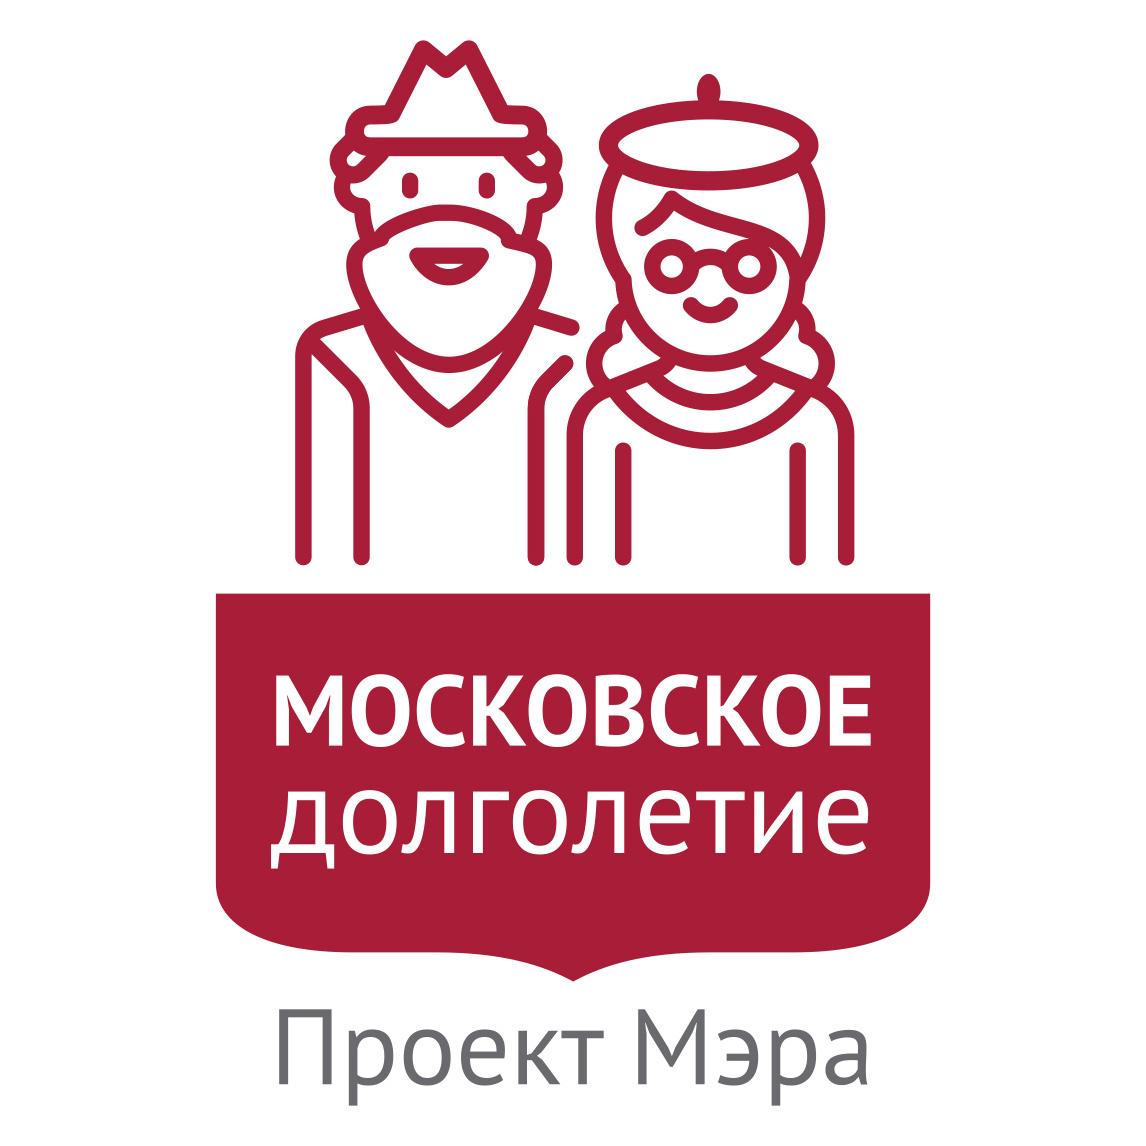 лого Московское долголетие